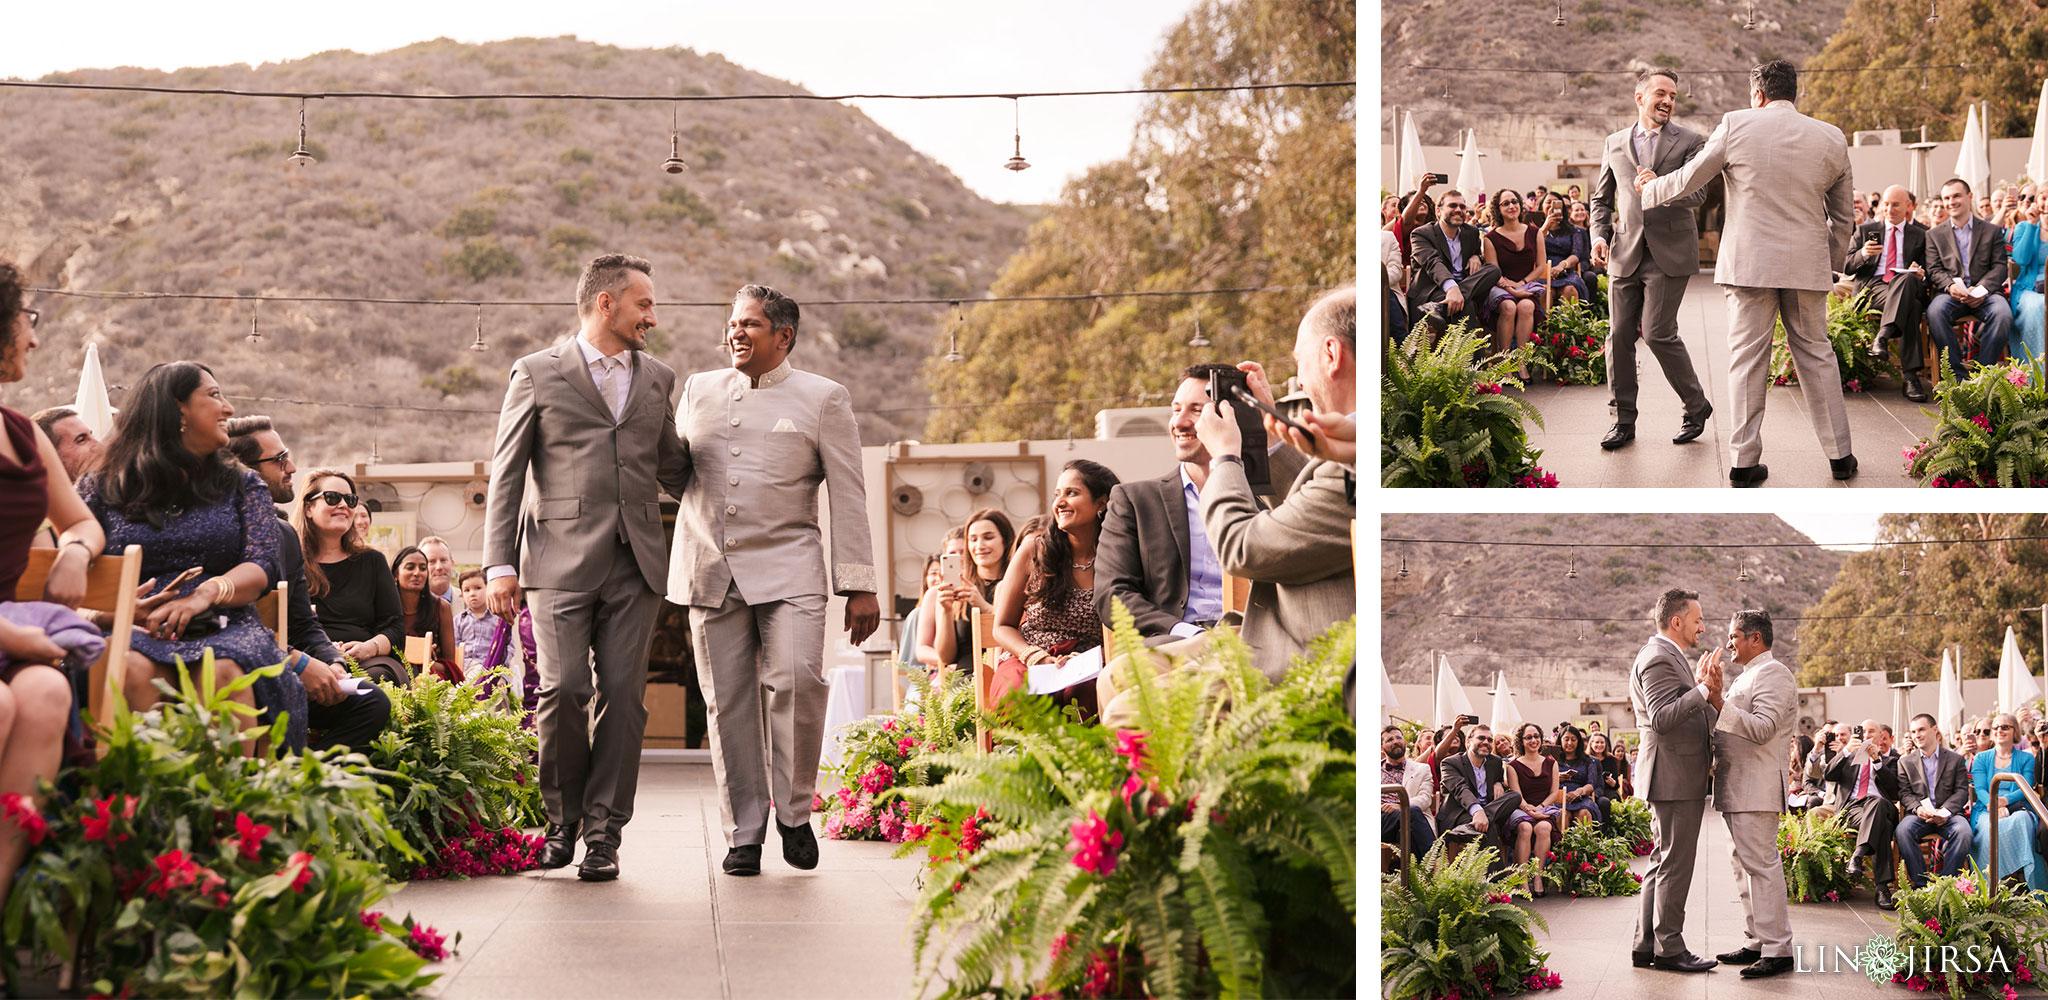 15 seven degrees laguna beach gay wedding photography